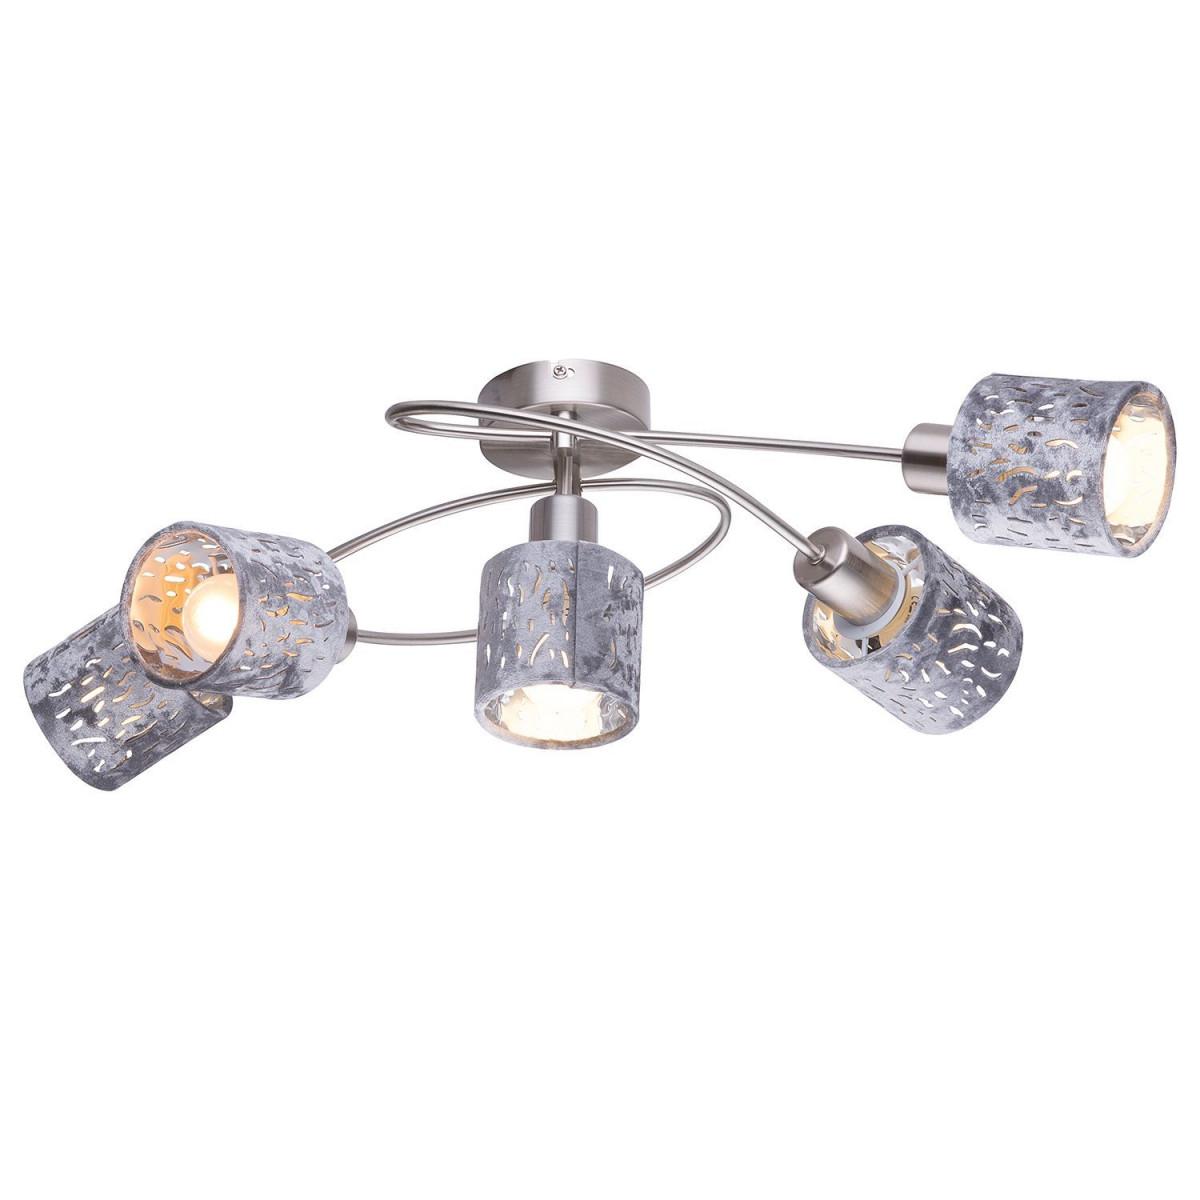 Lampen In Der Decke  Hängend Wohnzimmerlampen von Deckenleuchte Hängend Wohnzimmer Bild